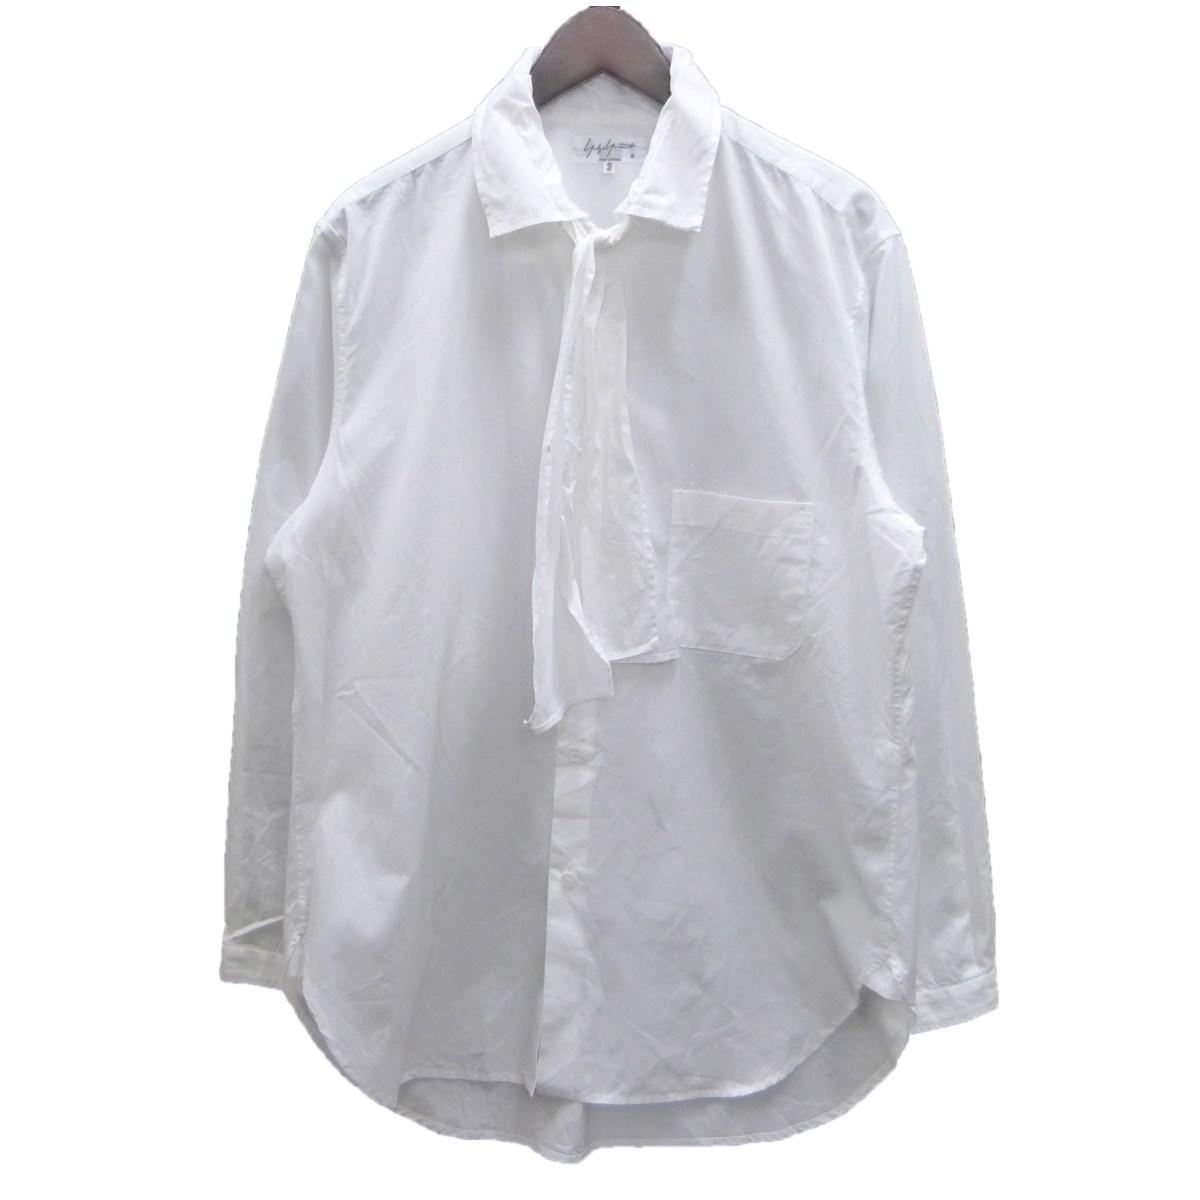 トップス, カジュアルシャツ YOHJI YAMAMOTO pour homme 19SS 2 230120